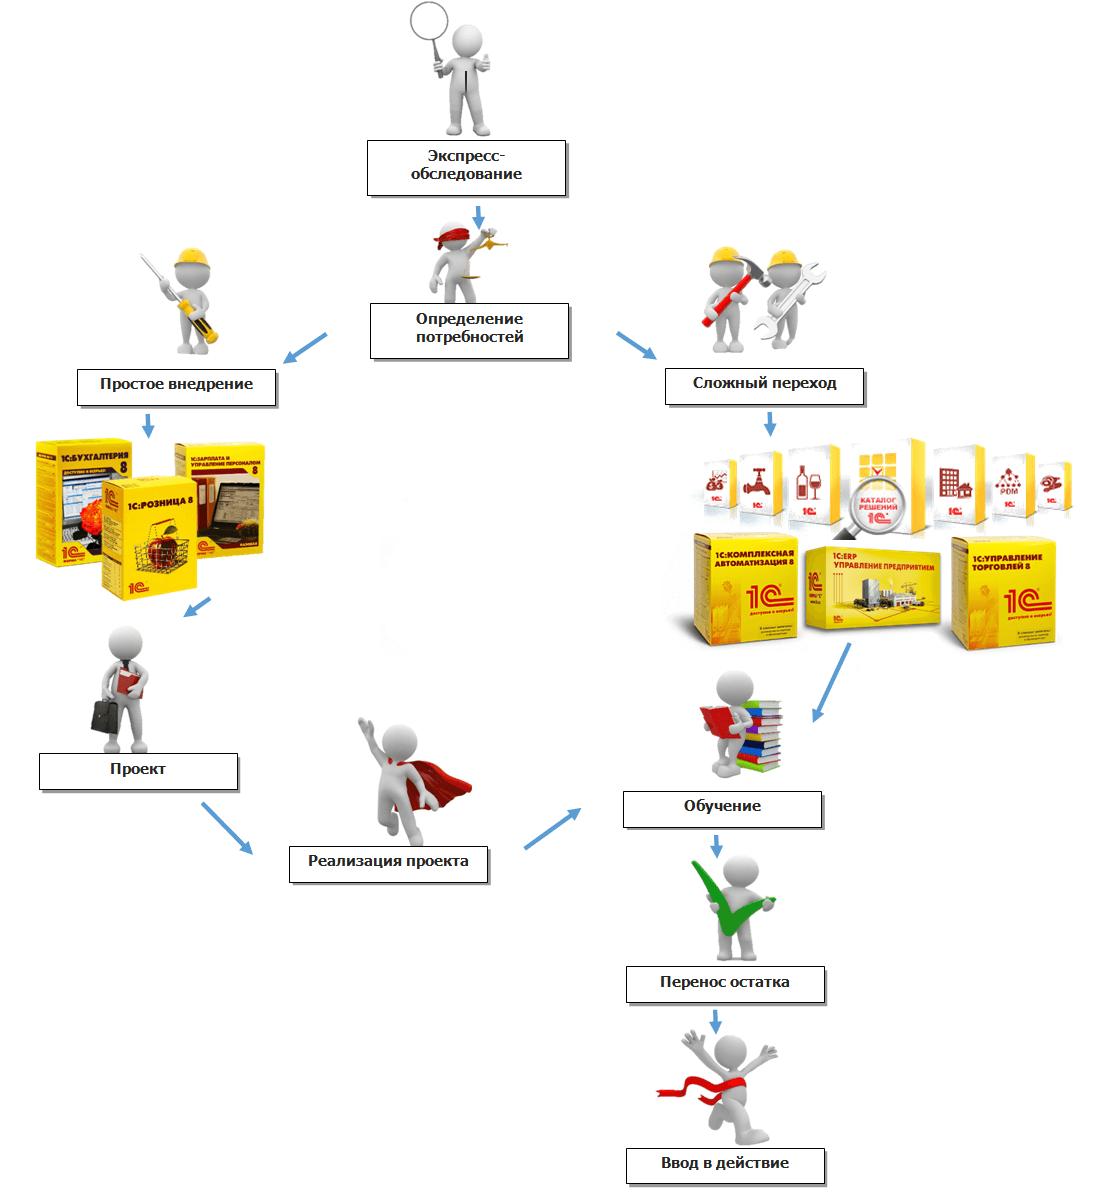 Внедрение «1С» с учетом особенностей бизнес-процессов